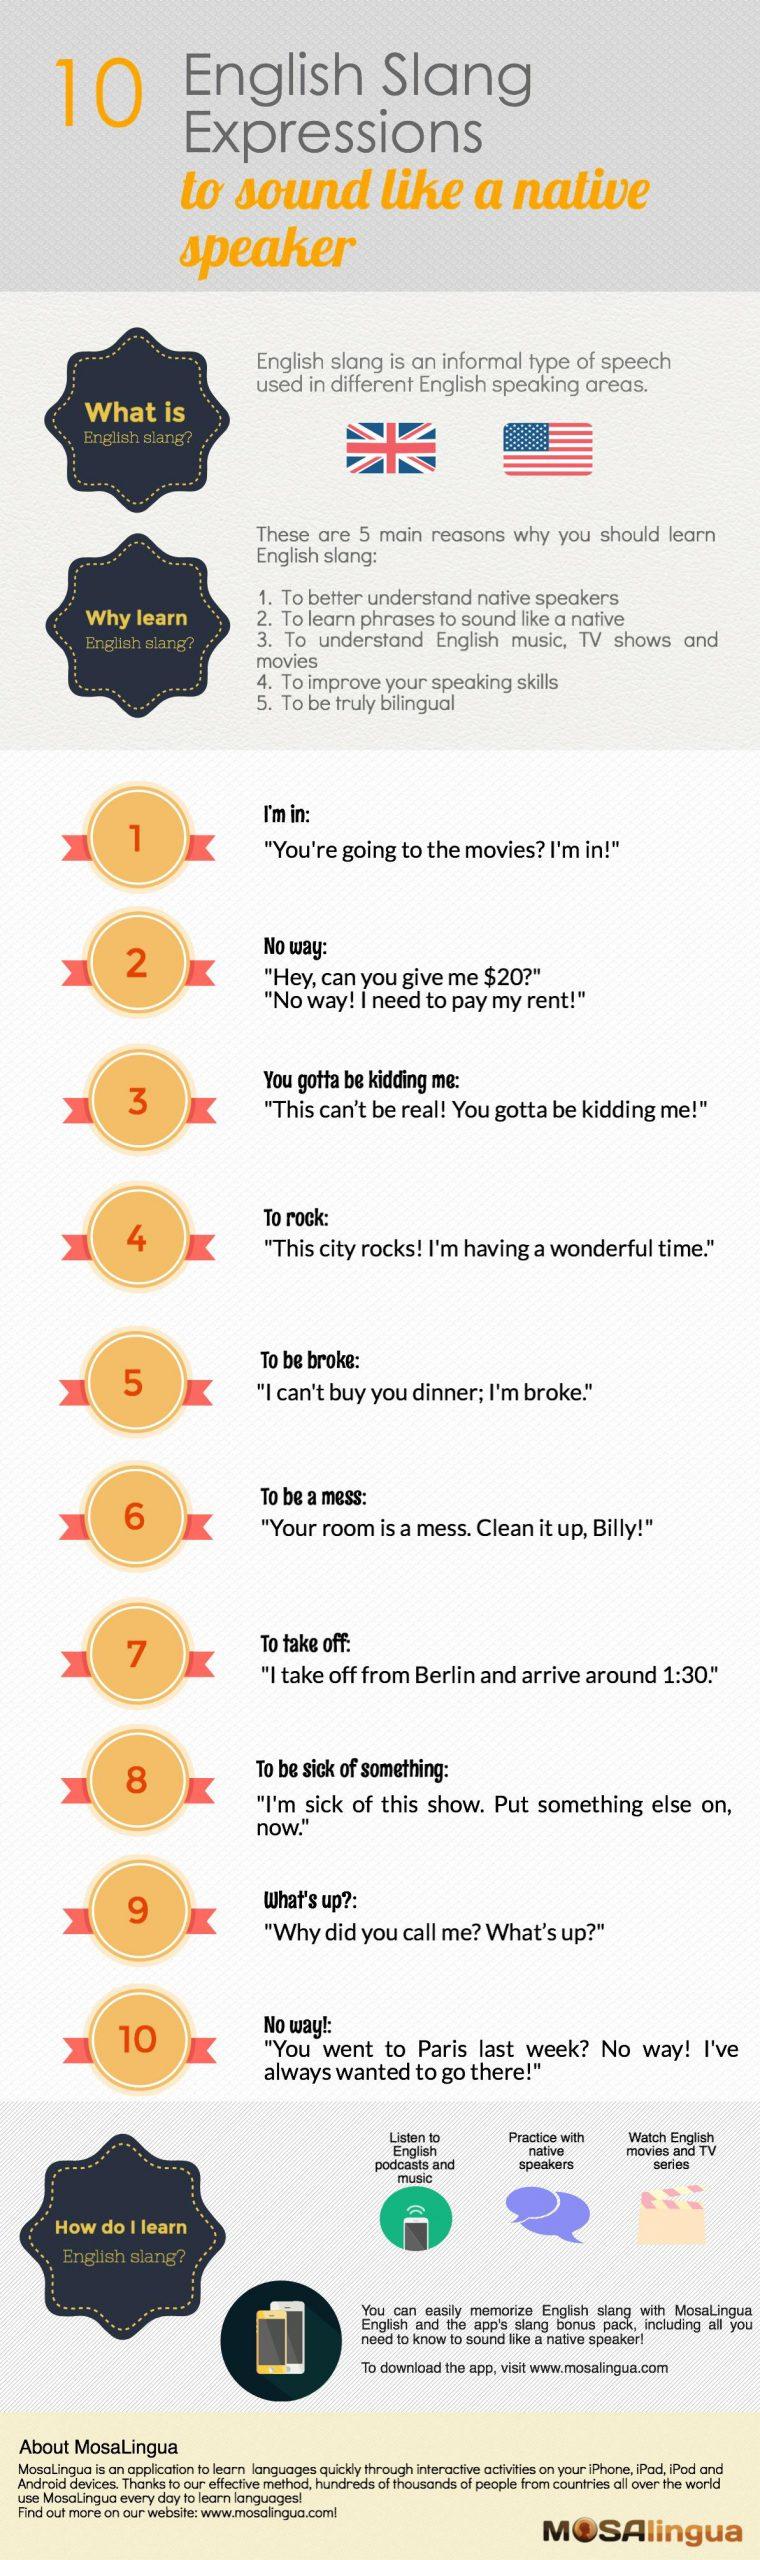 Englische Wörter Und Slang Ausdrücke, You Should Know verwandt mit Wörter Die Mit I Anfangen